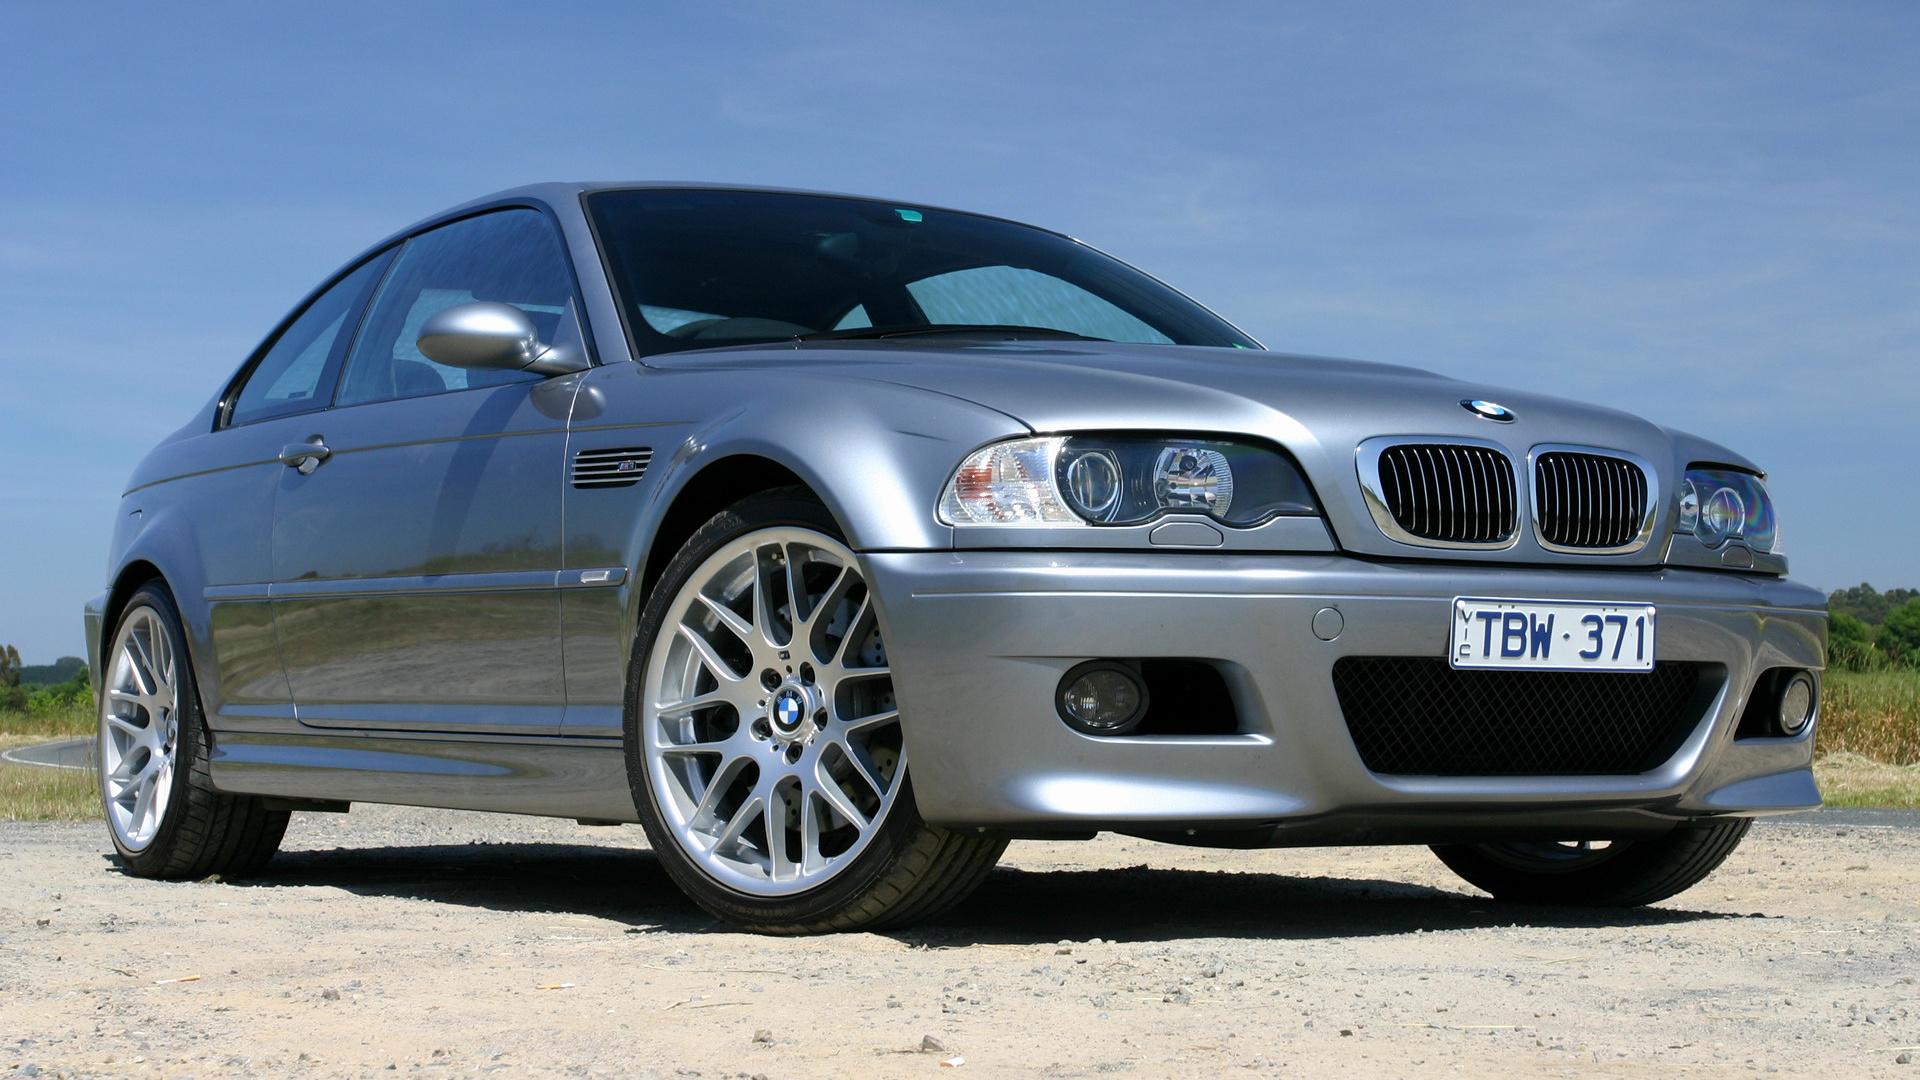 2005 Bmw M3 Coupe Competition Package Au Fondos De Pantalla E Imagenes En Hd Car Pixel